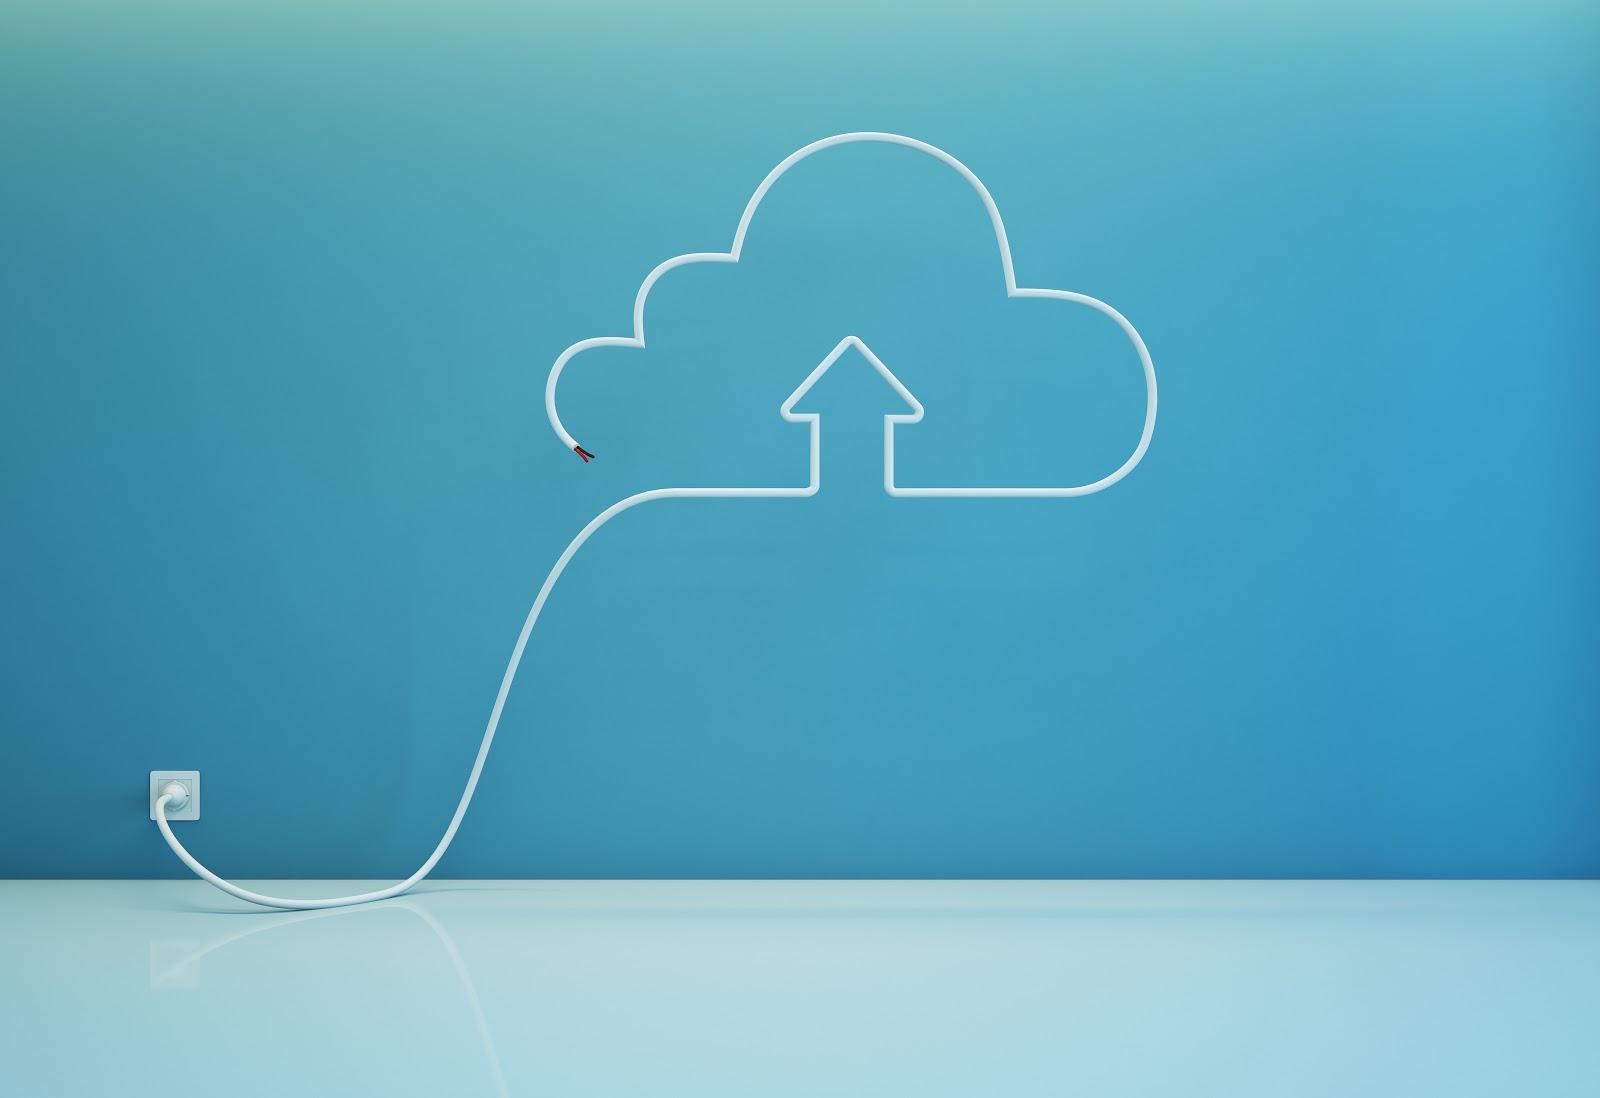 Power line in cloud shape